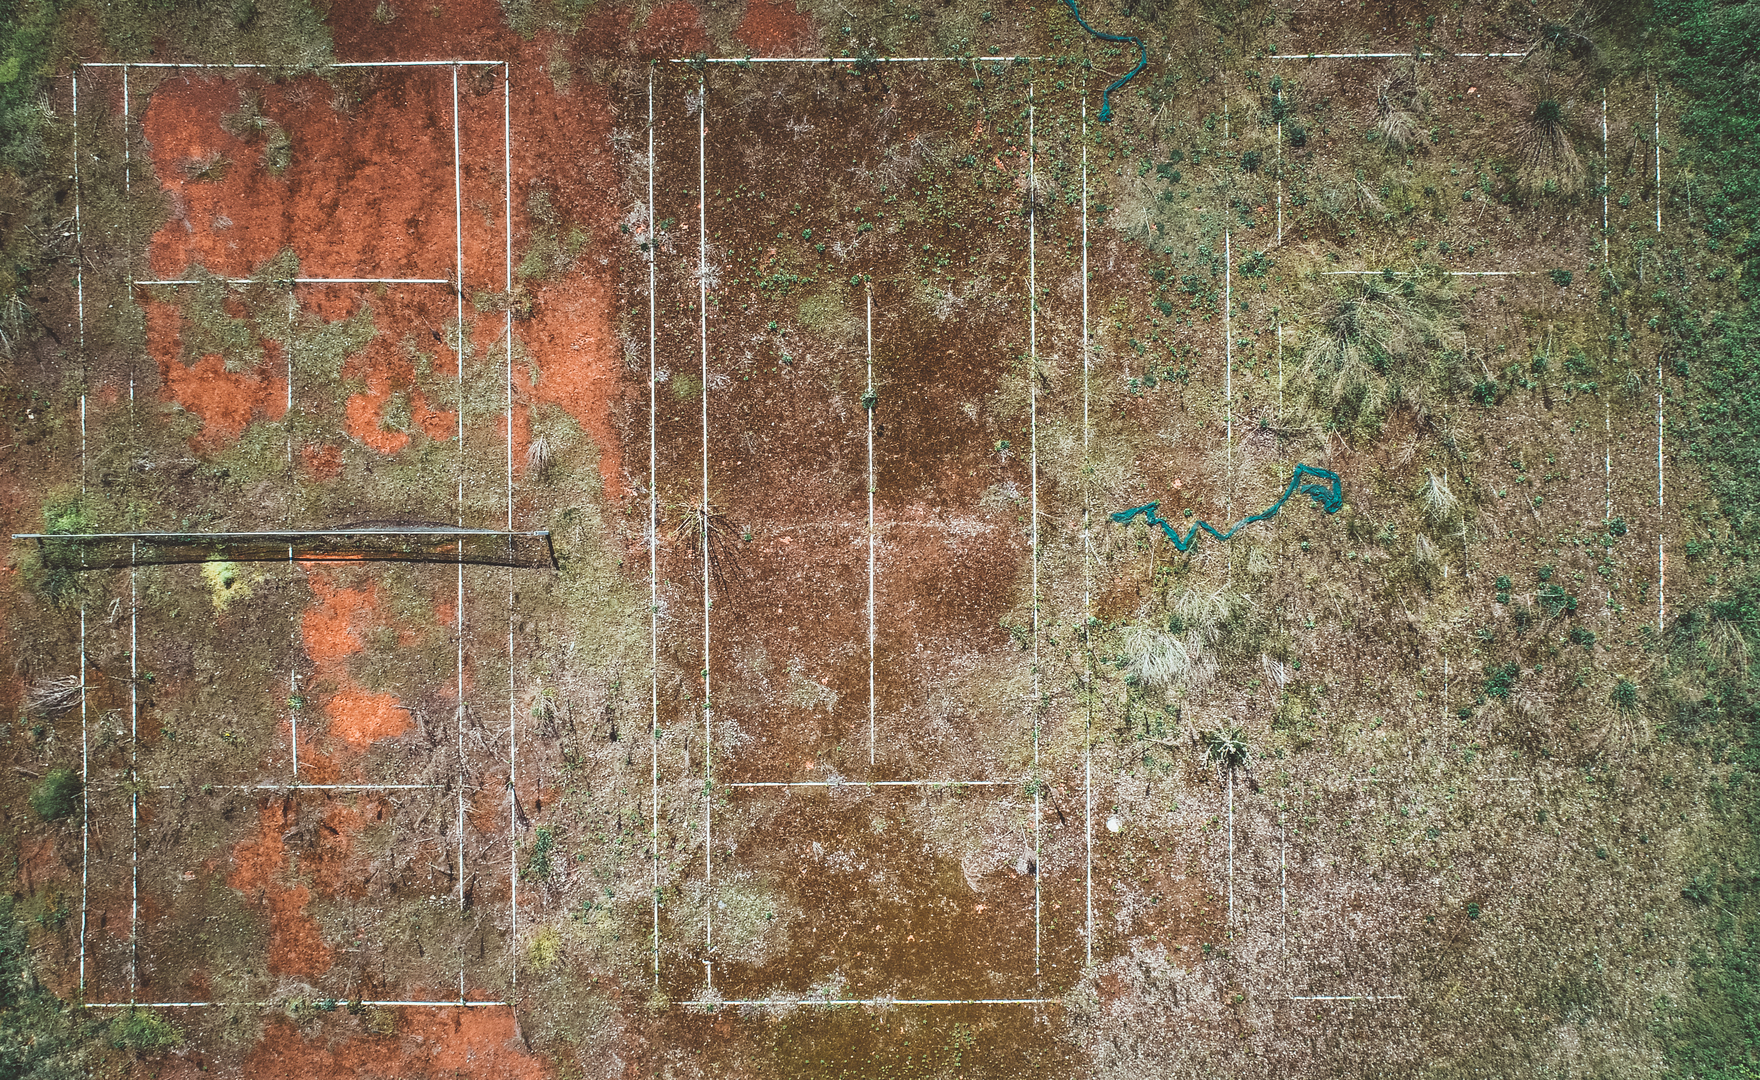 Művészet – műalkotás vagy művészeti tevékenység ábrázolása, fotóriporteri eszközökkel (egyedi)<br />2. díj: Nagy András (MTI/MTVA): Hosszabbítás<br /><br />Fotó: A teniszpálya élete!